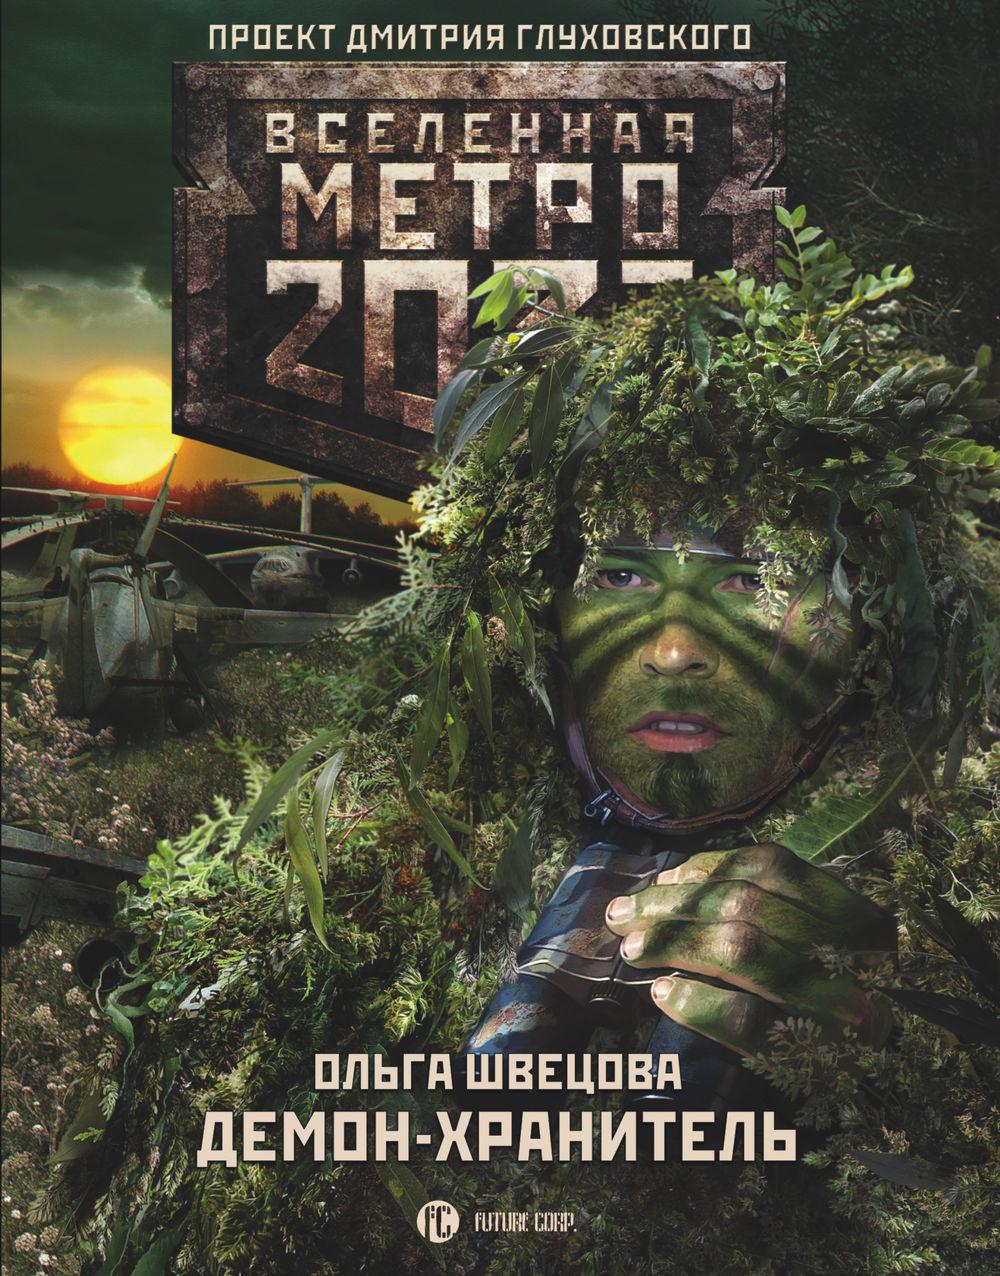 Купить Метро 2033. Демон-хранитель, Ольга Швецова, 978-5-17-099201-0